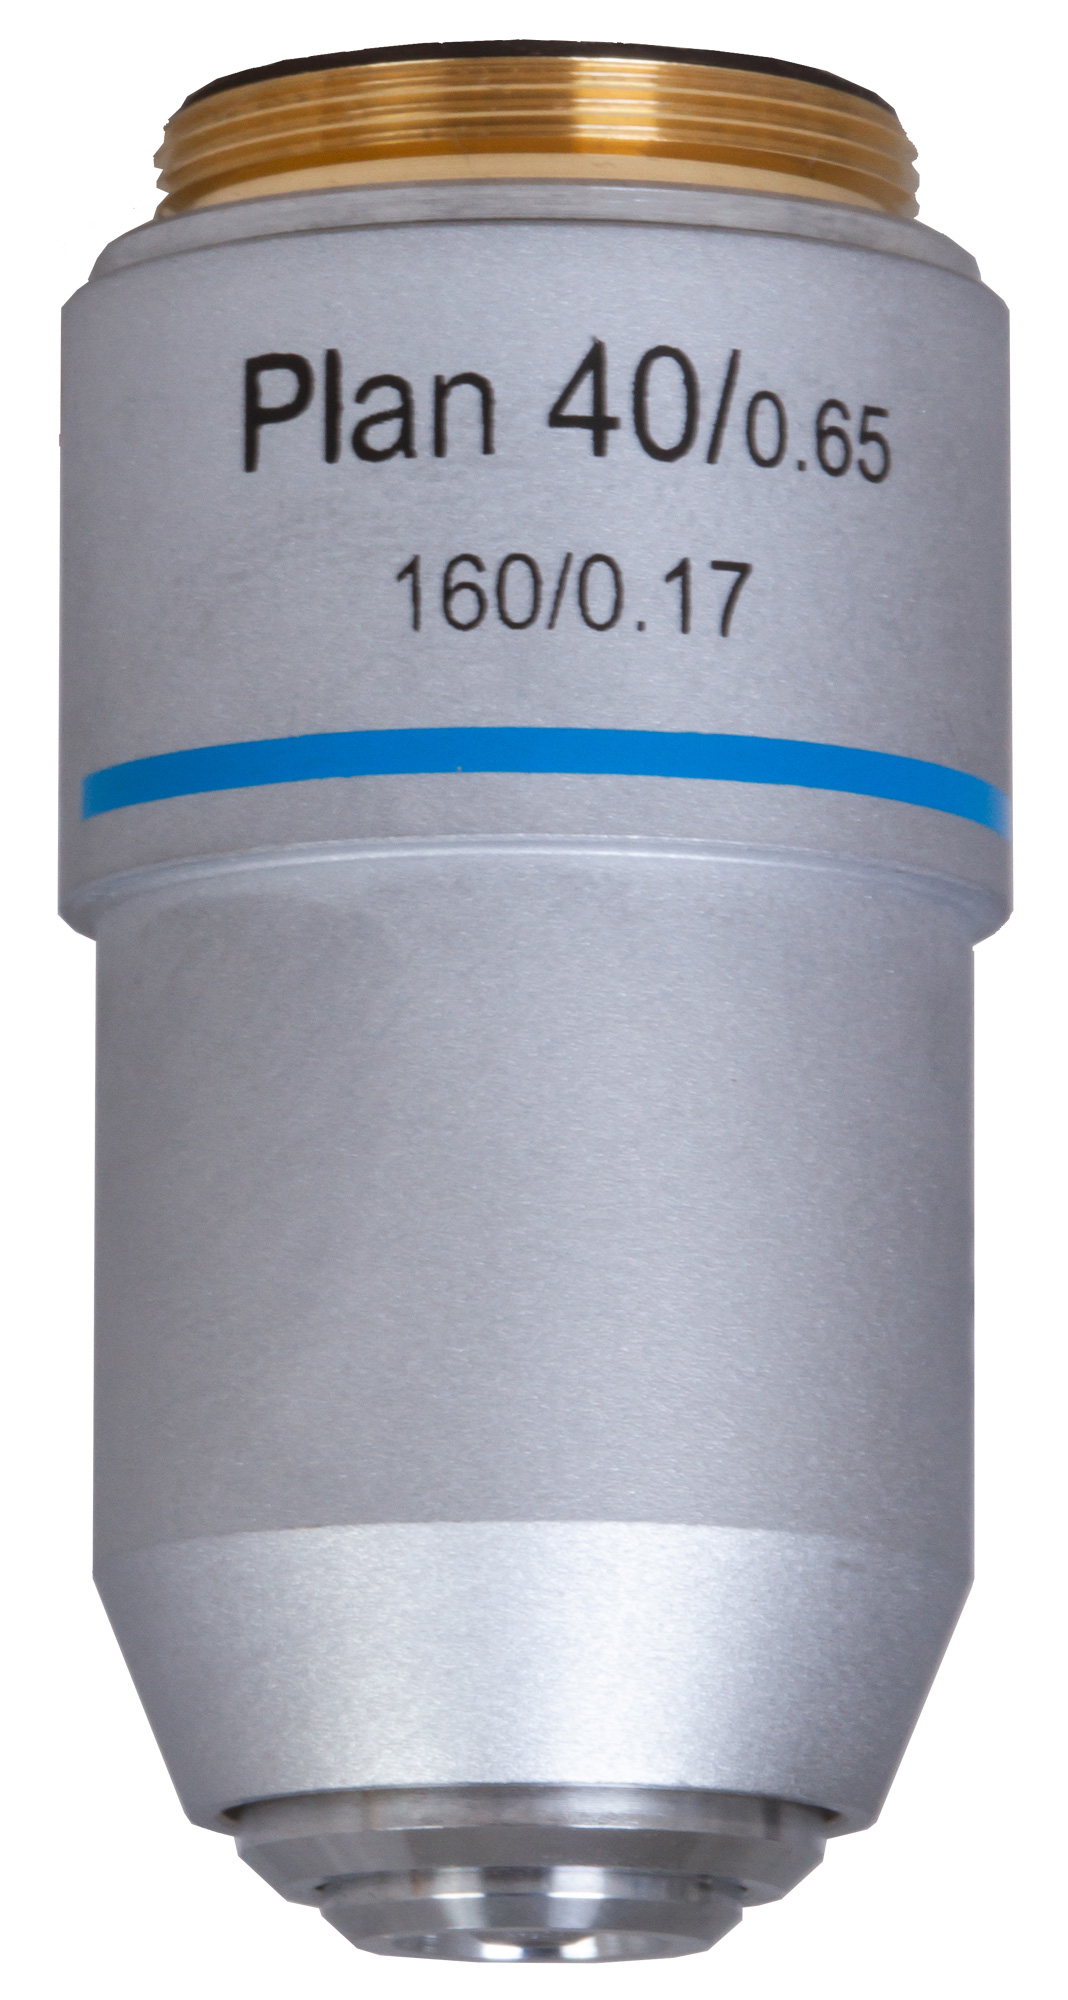 Картинка для Объектив планахроматический Levenhuk (Левенгук) MED 40x